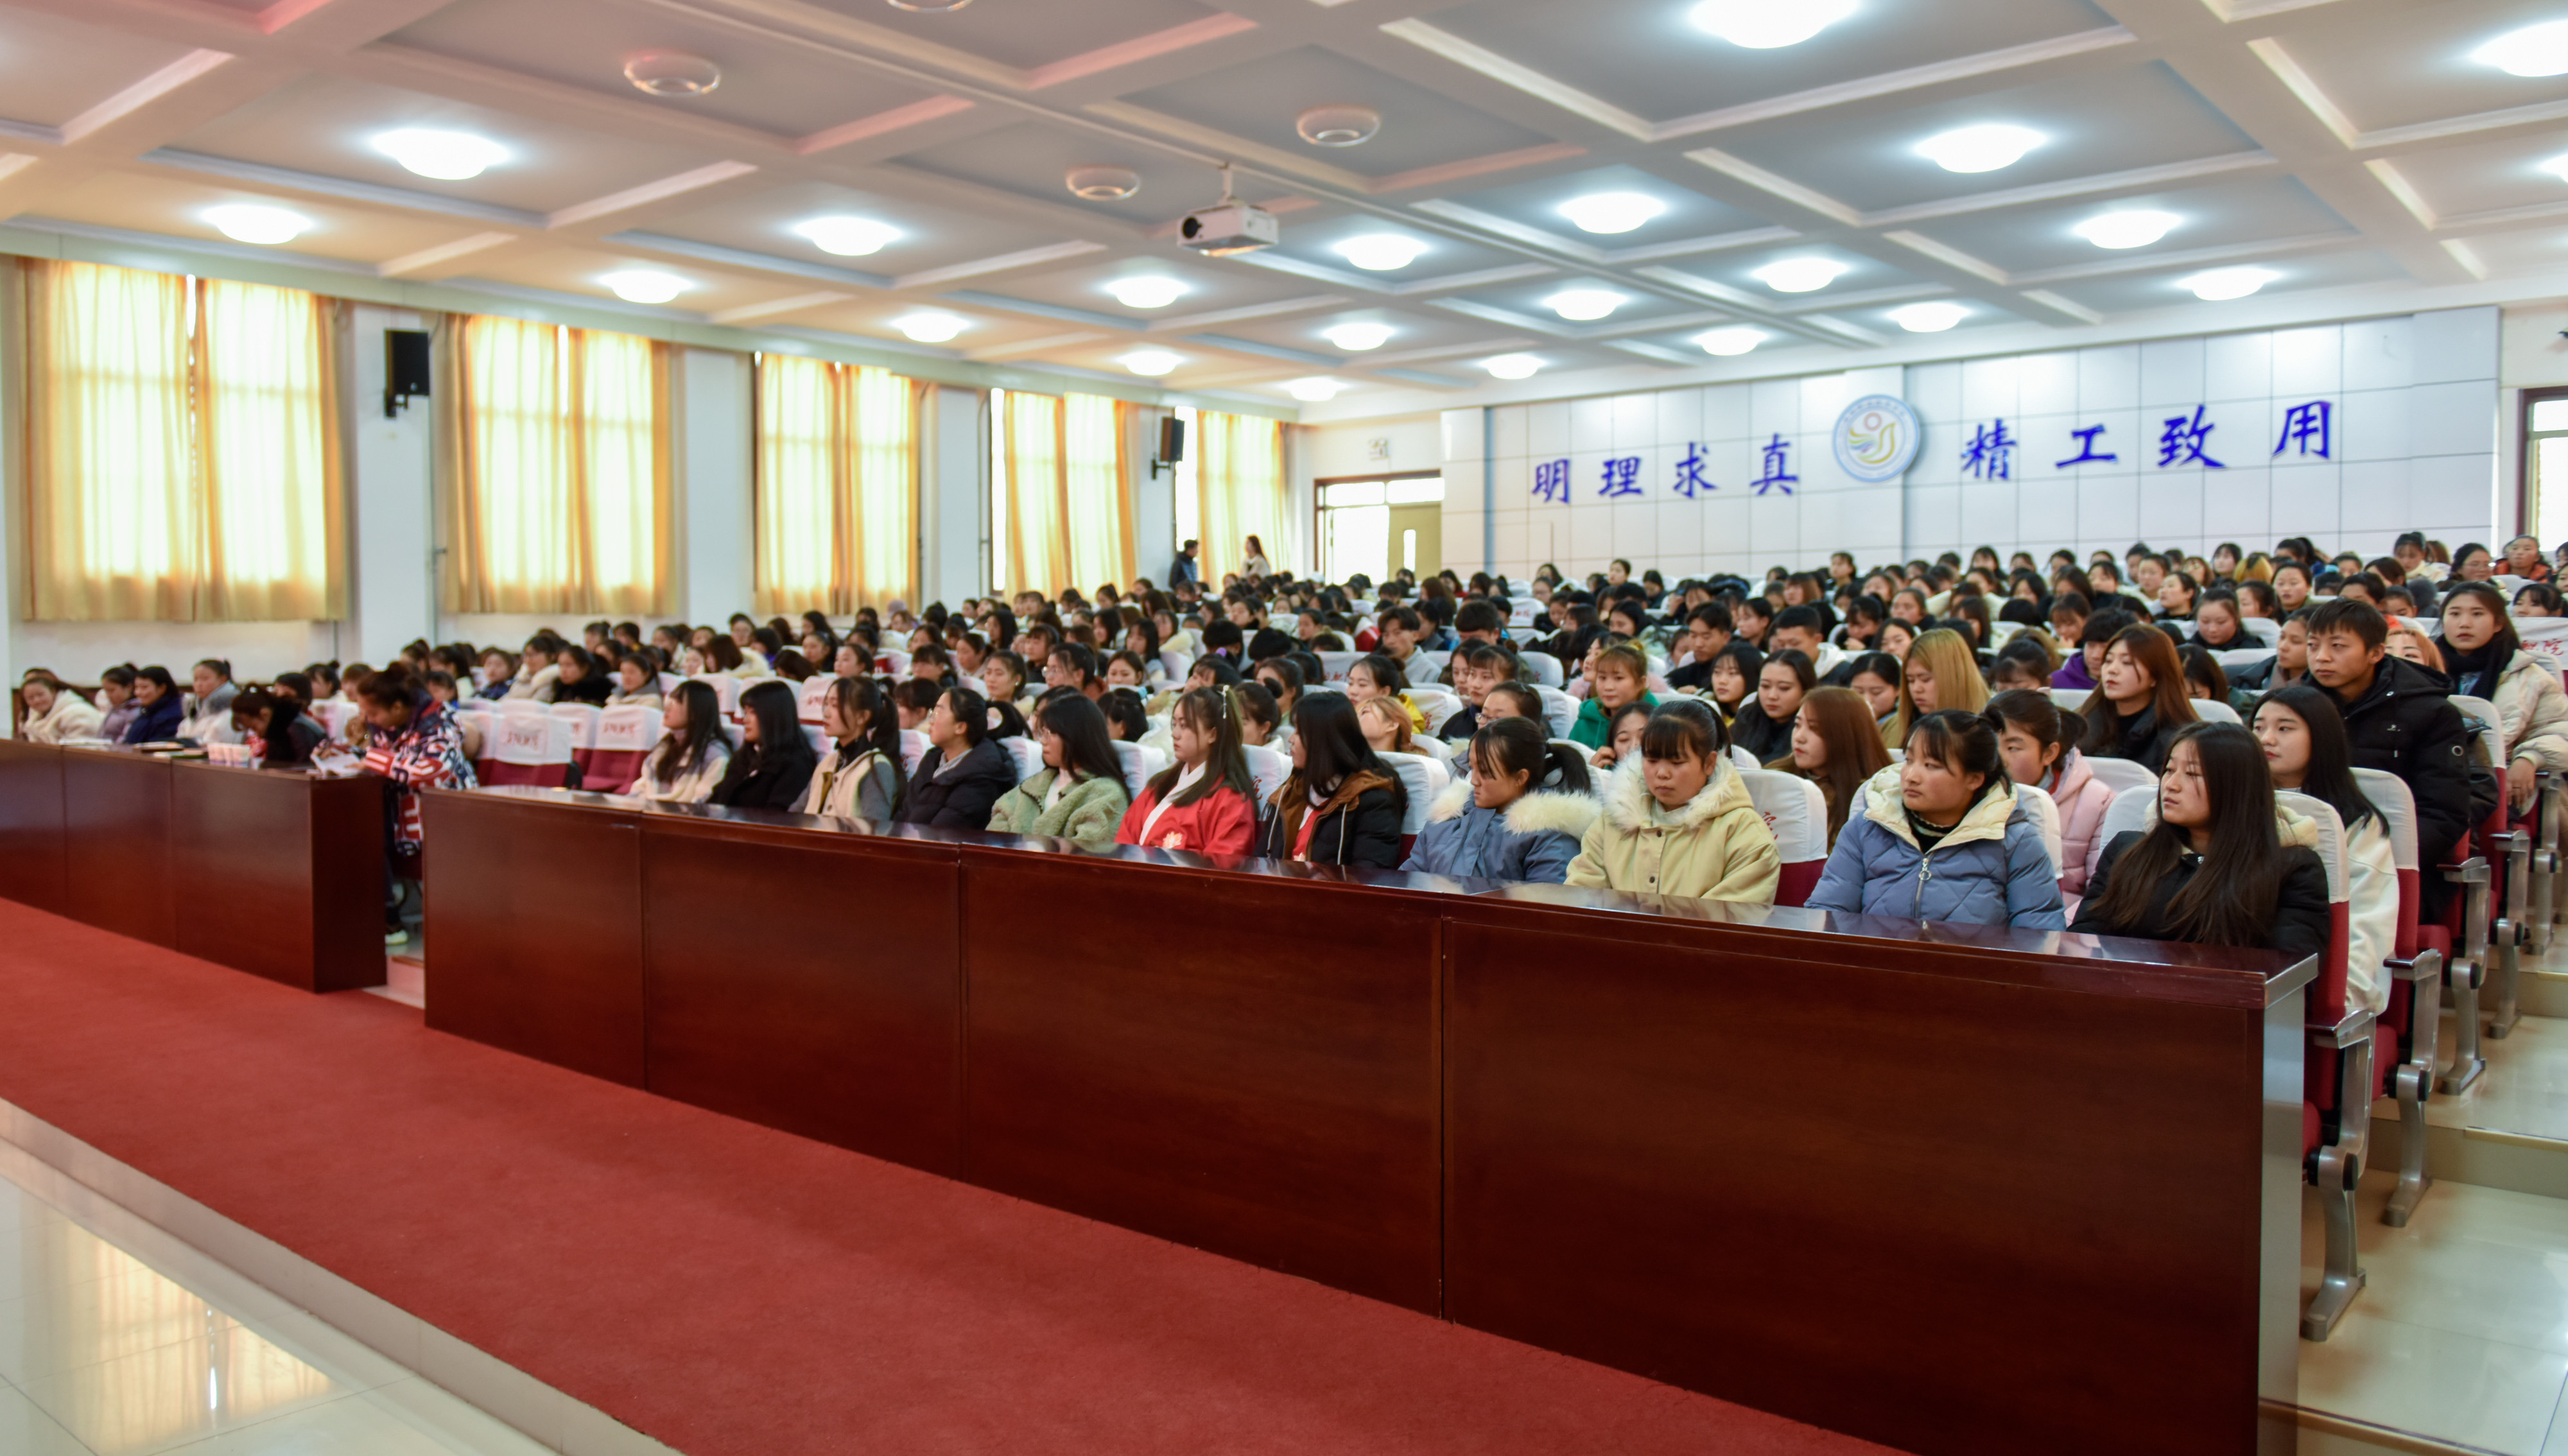 艺术教育系组织召开全体学生工作大会